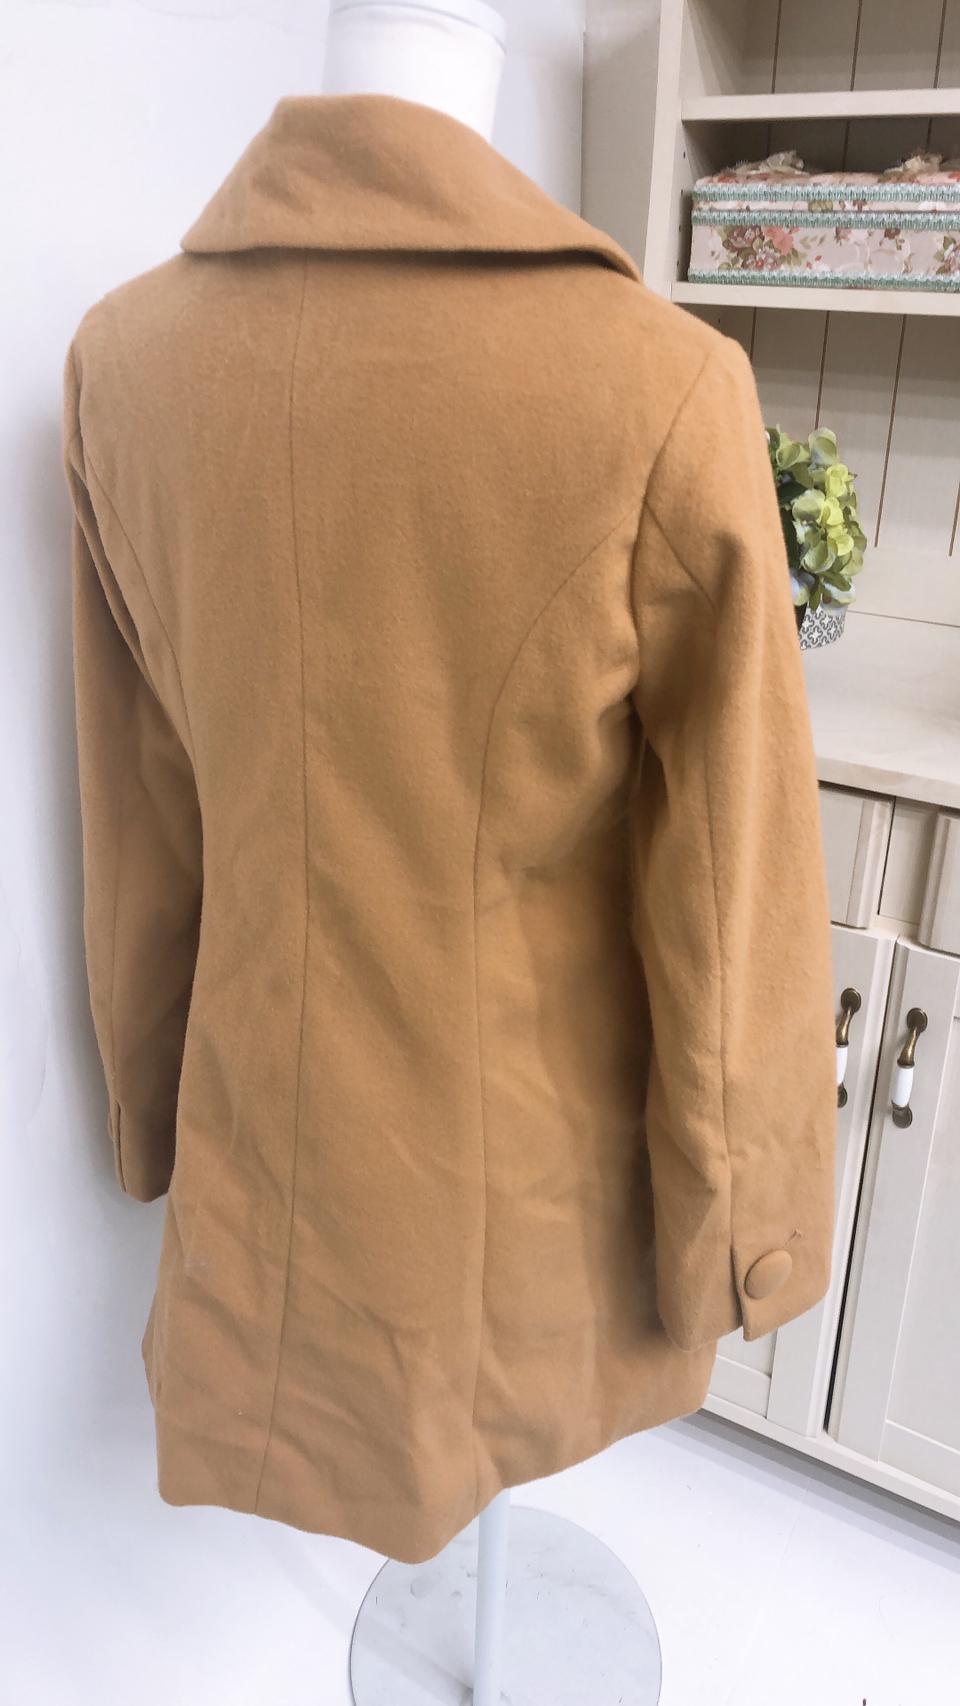 [アウトレット]丸ボタンワンピース丈コート